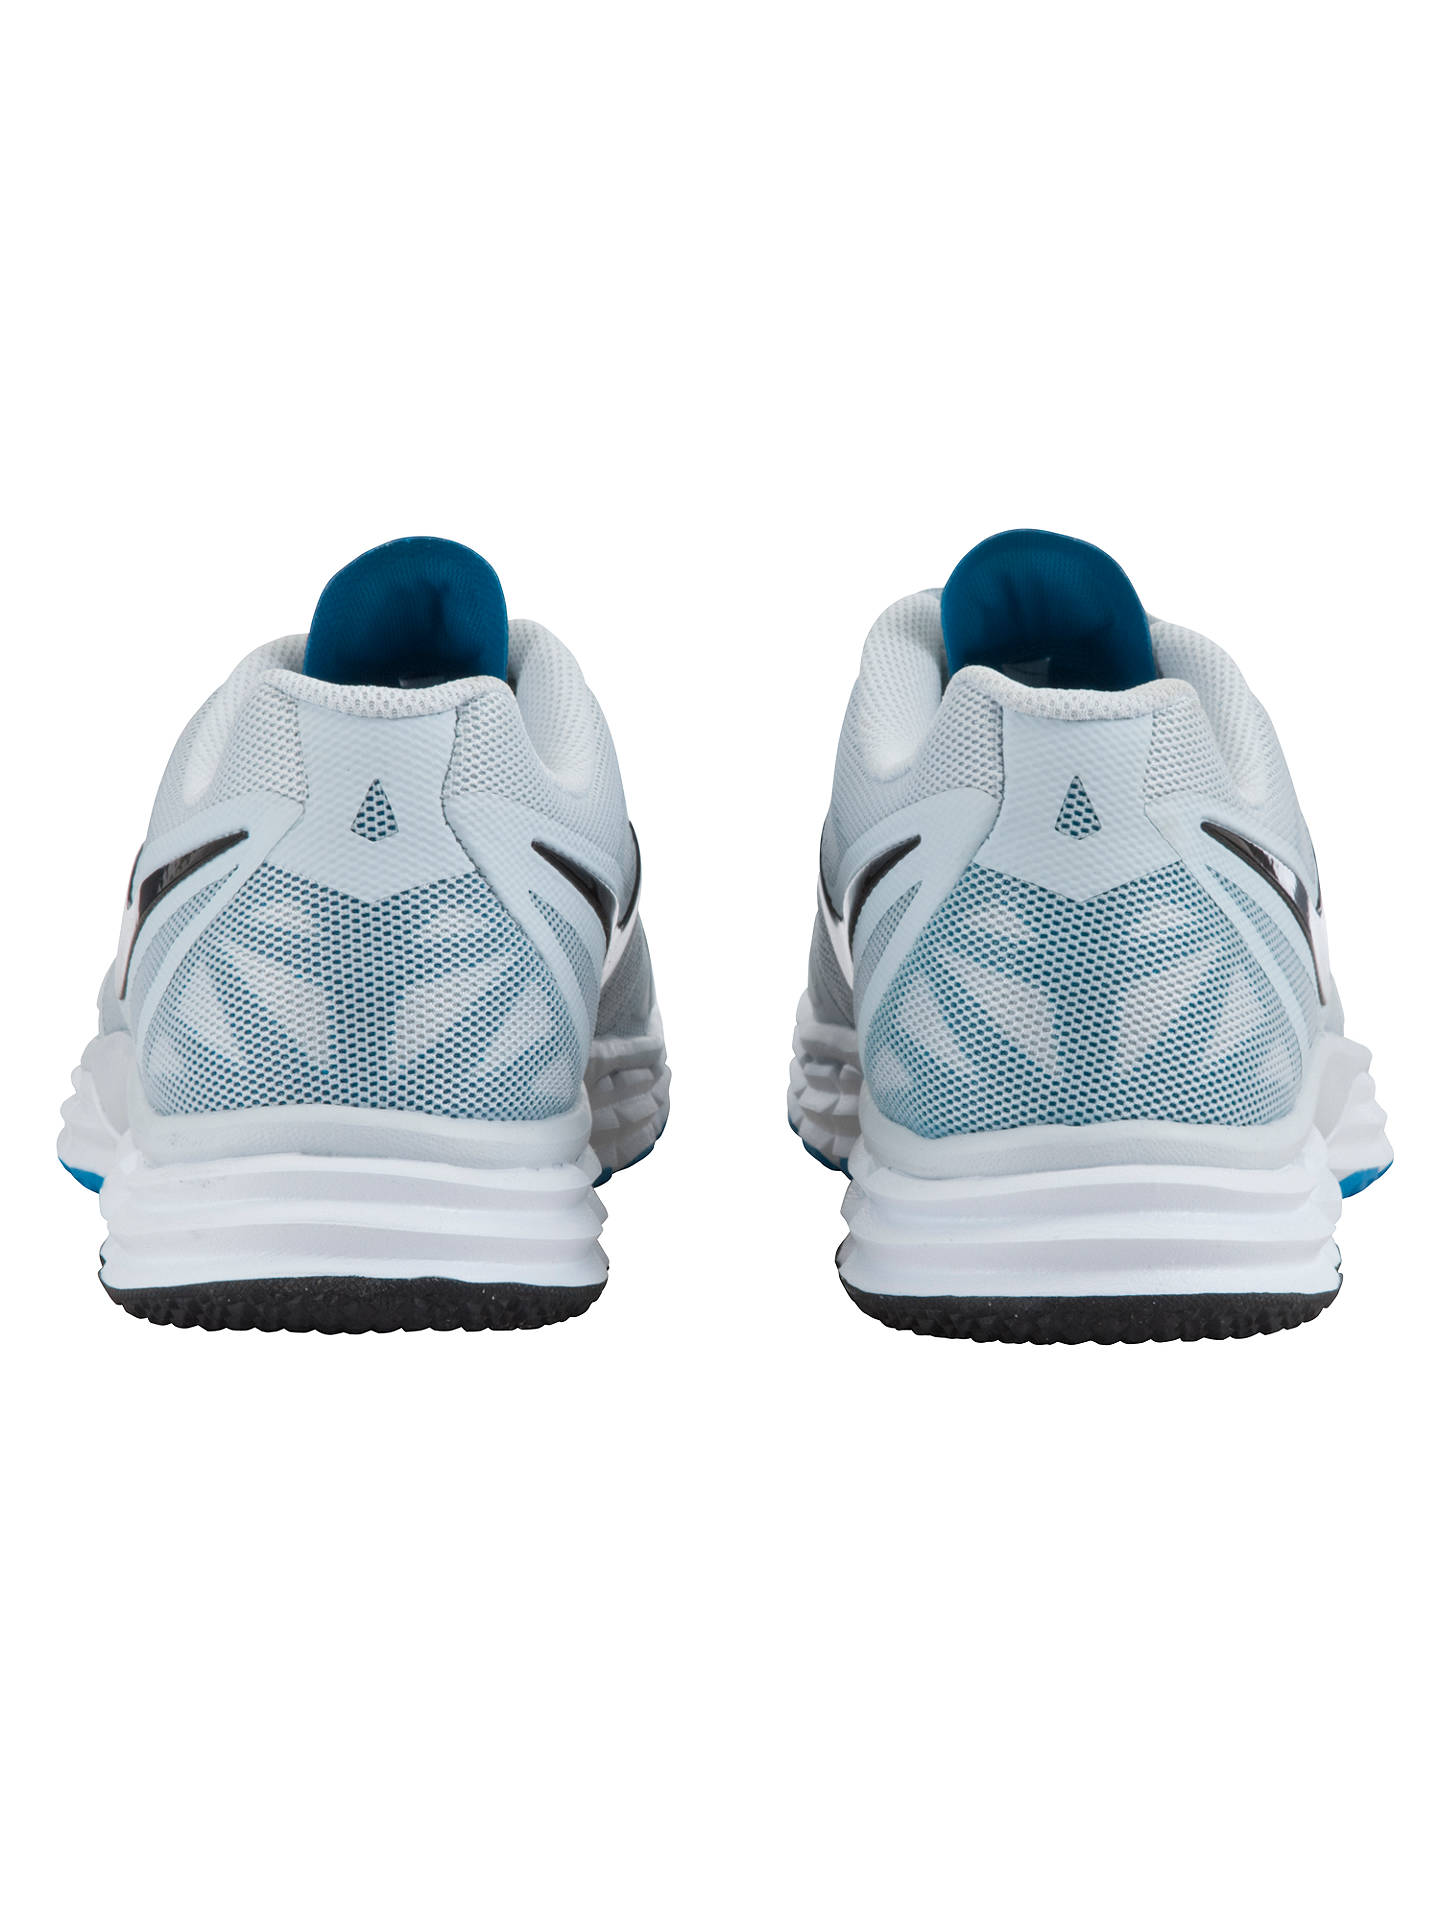 24c7b8e7e Nike Men S Dual Fusion Tr 6 Mesh Running Shoes - Style Guru  Fashion ...